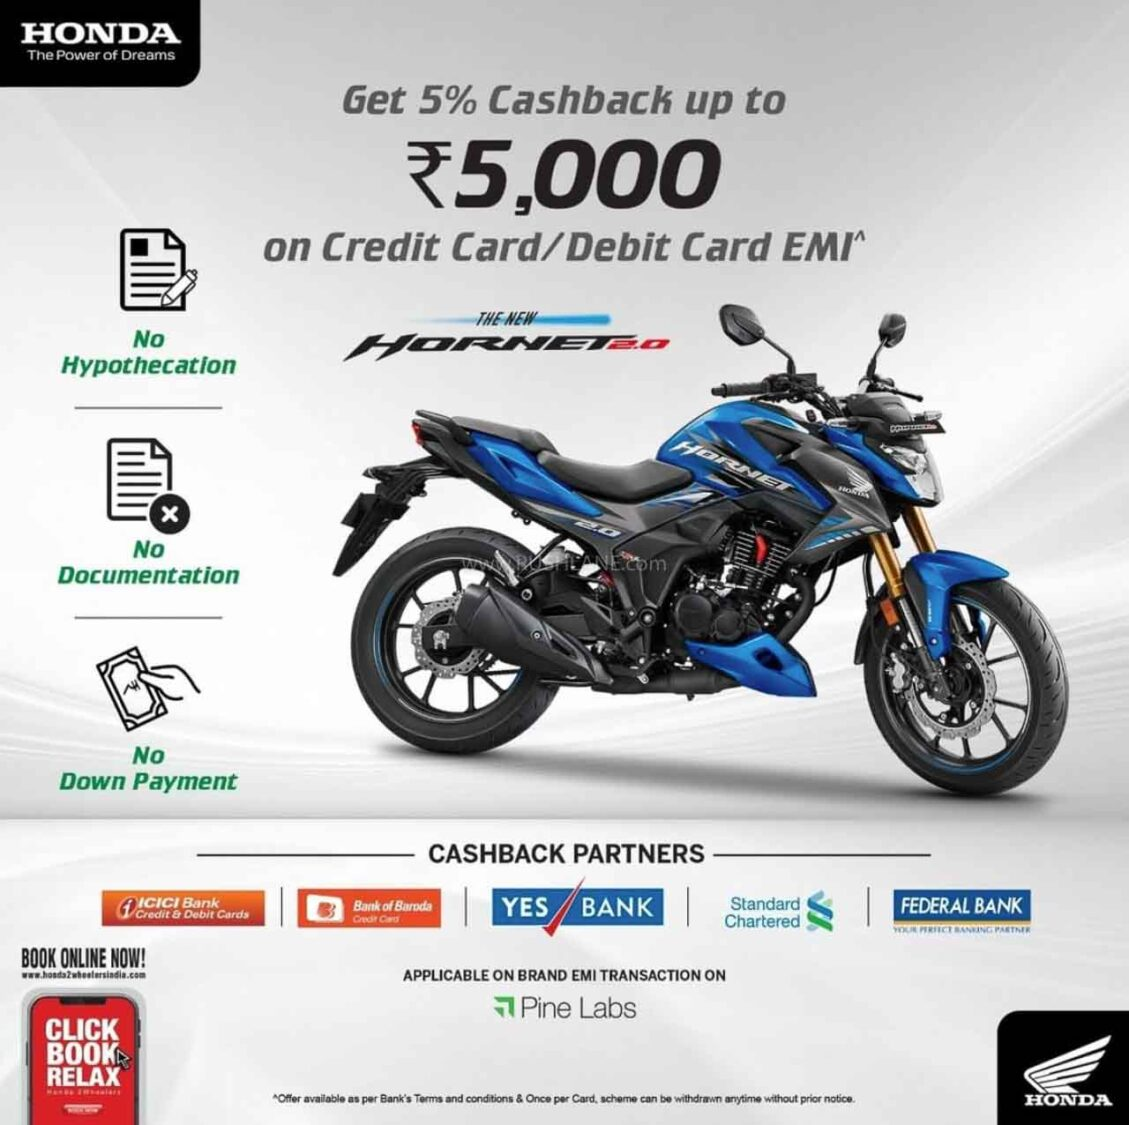 Honda Hornet Cashback Offer